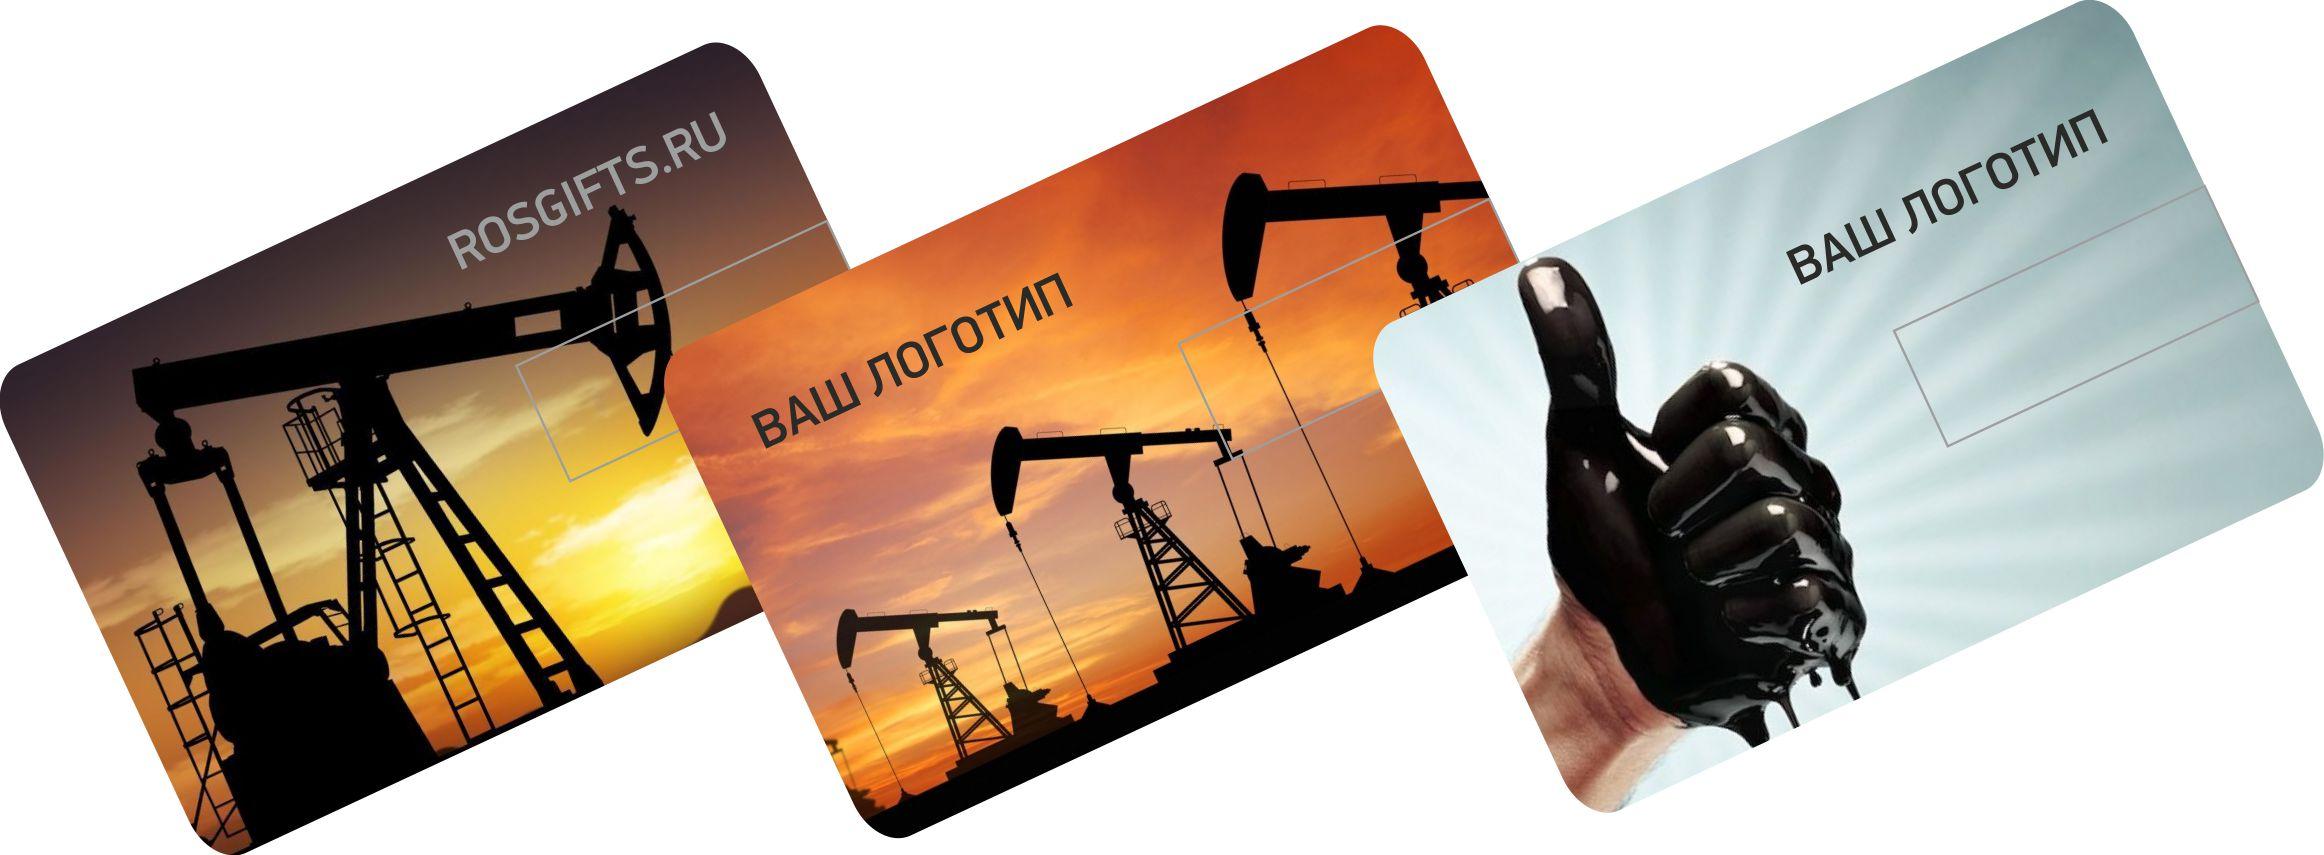 сувенирная продукция ко дню нефтяника